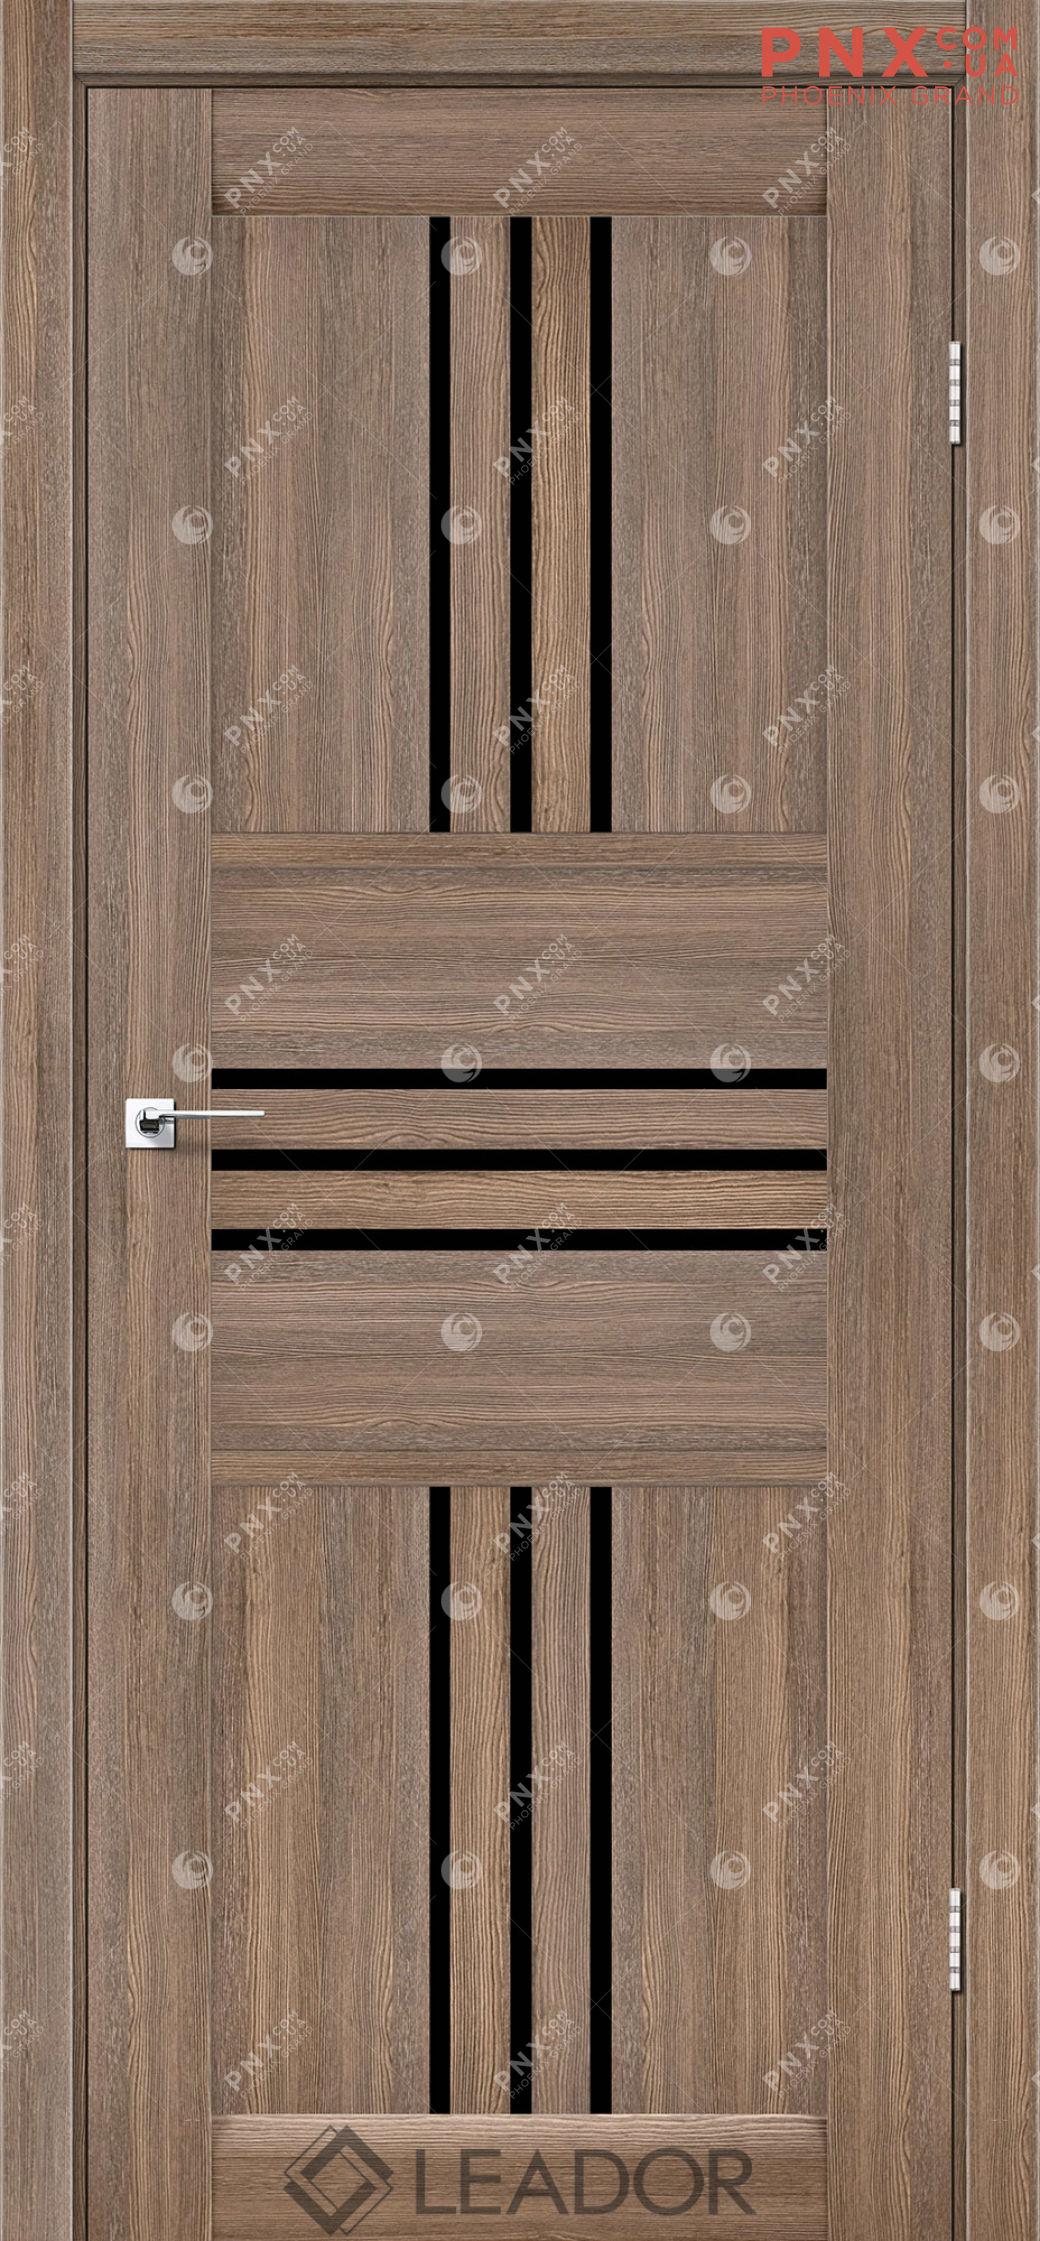 Межкомнатная дверь LEADOR Rona, Серое дерево, Черное стекло